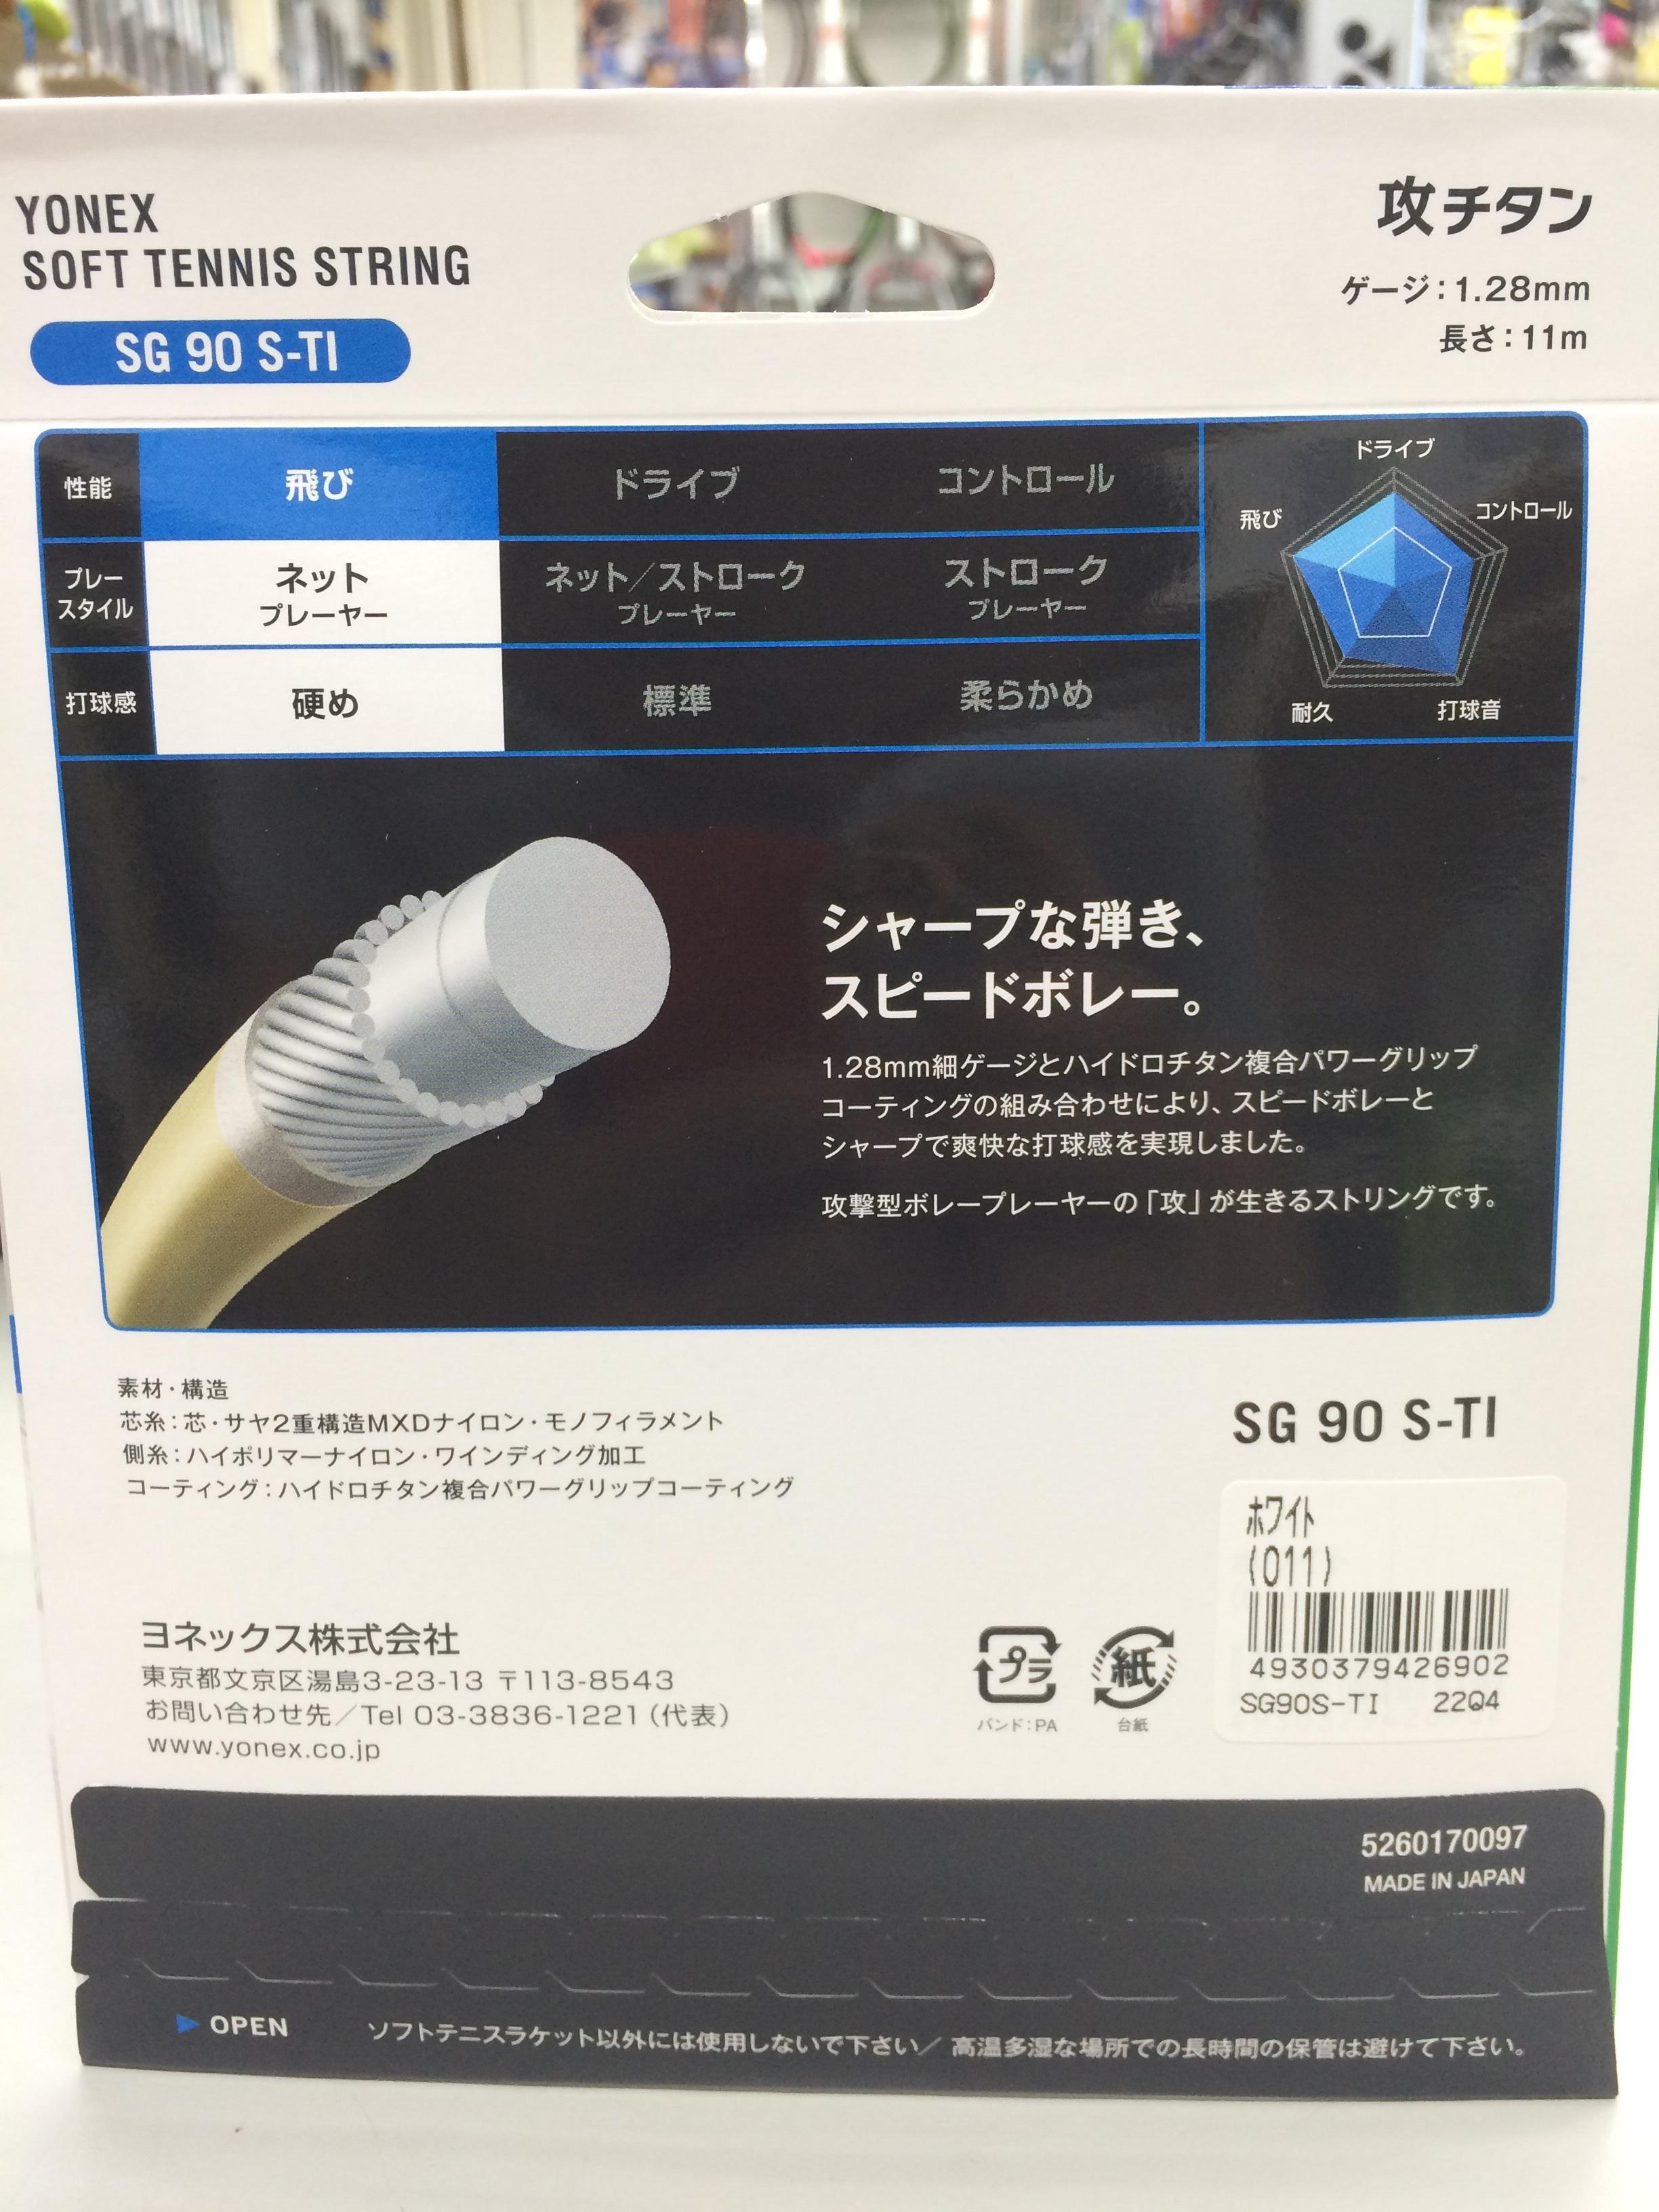 ヨネックス 攻チタン SG90S-TI - 画像2